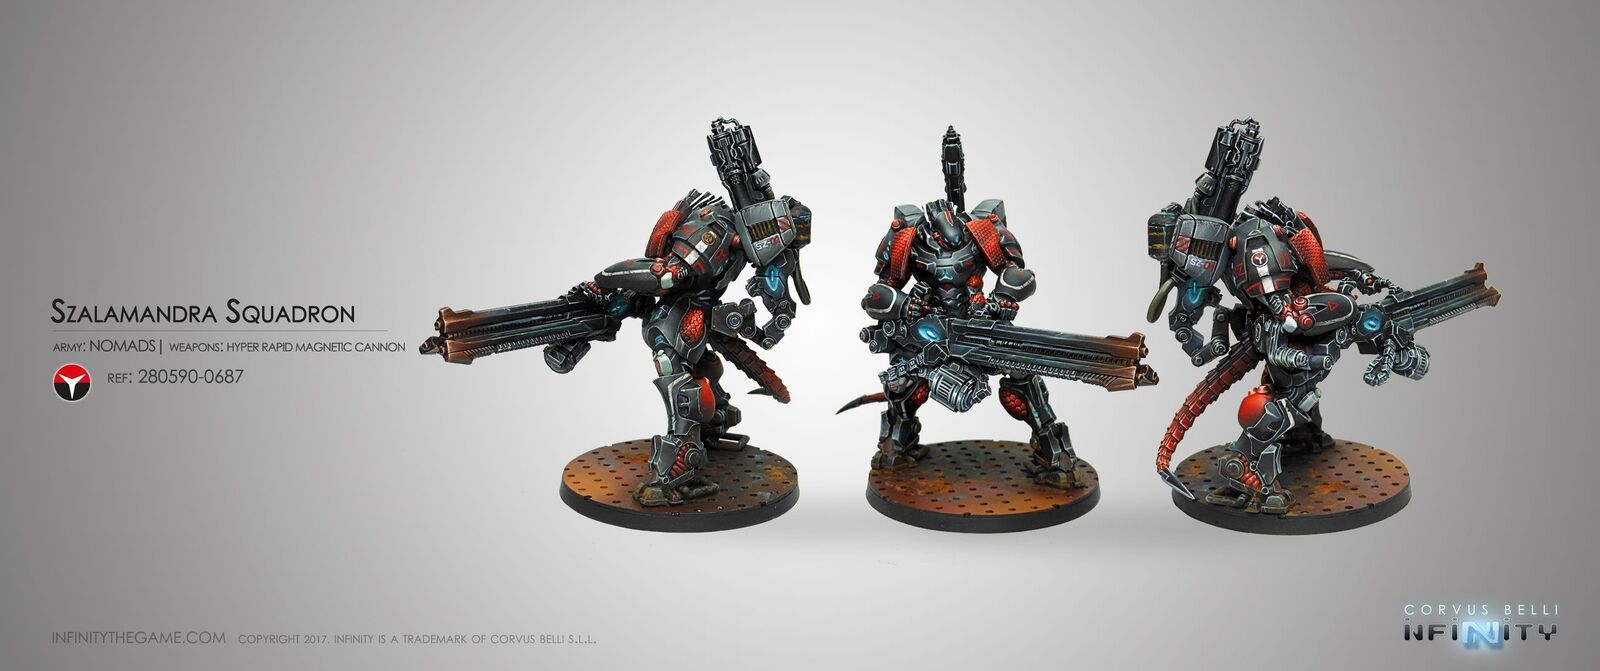 Infinity Nomads Szalahommedra Squadron  Corvus Belli Inf 280590 Tag T. A.G  à vendre en ligne